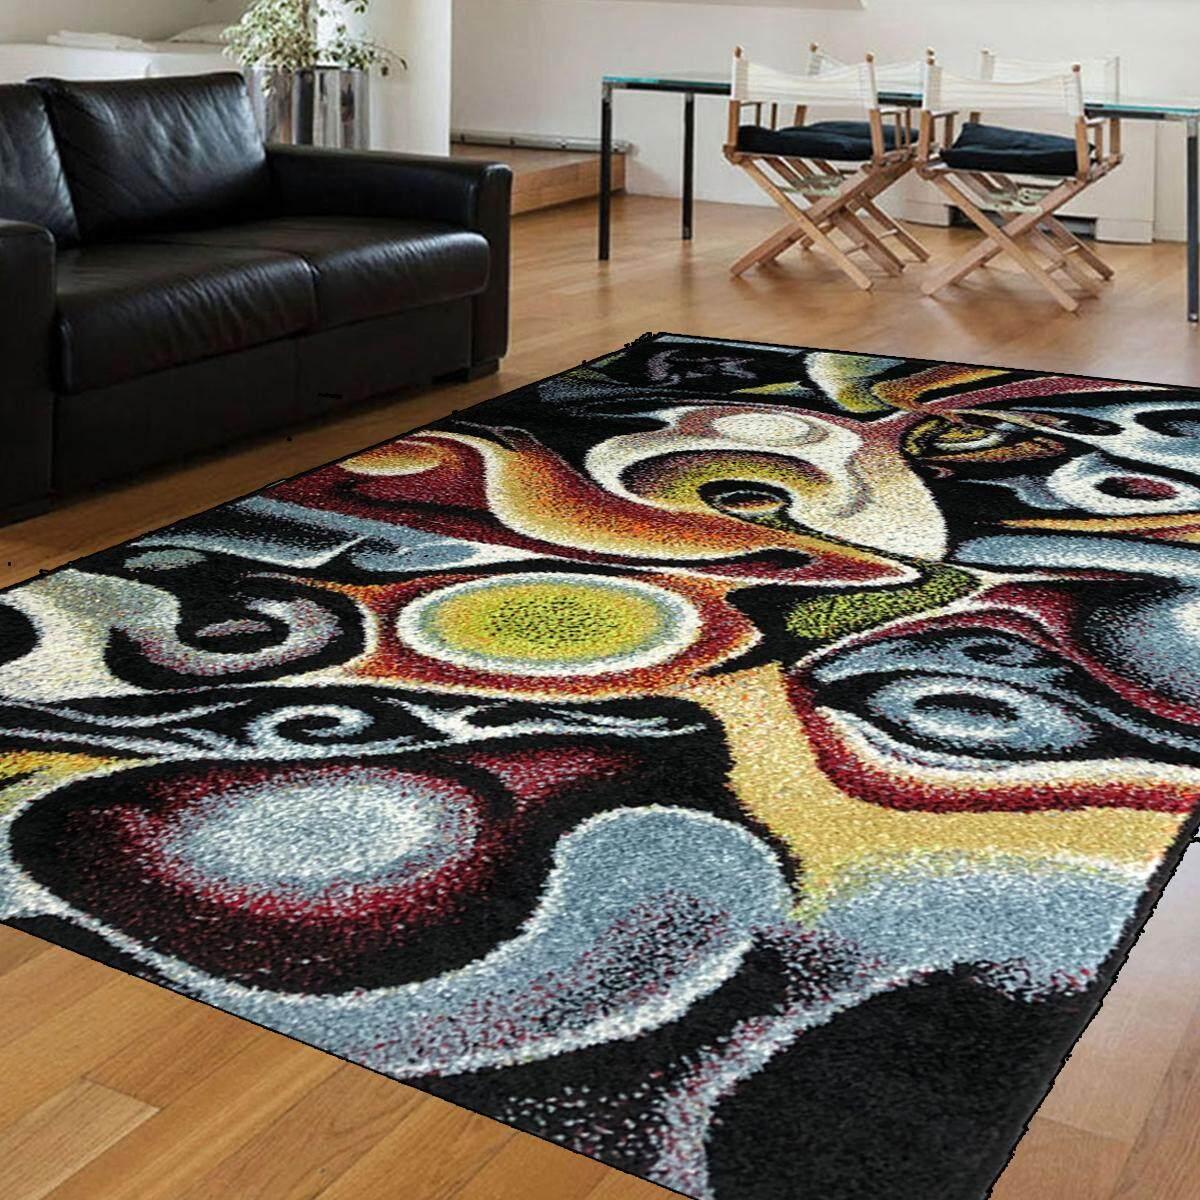 Modern Carpet Da Vinci - Code 1208